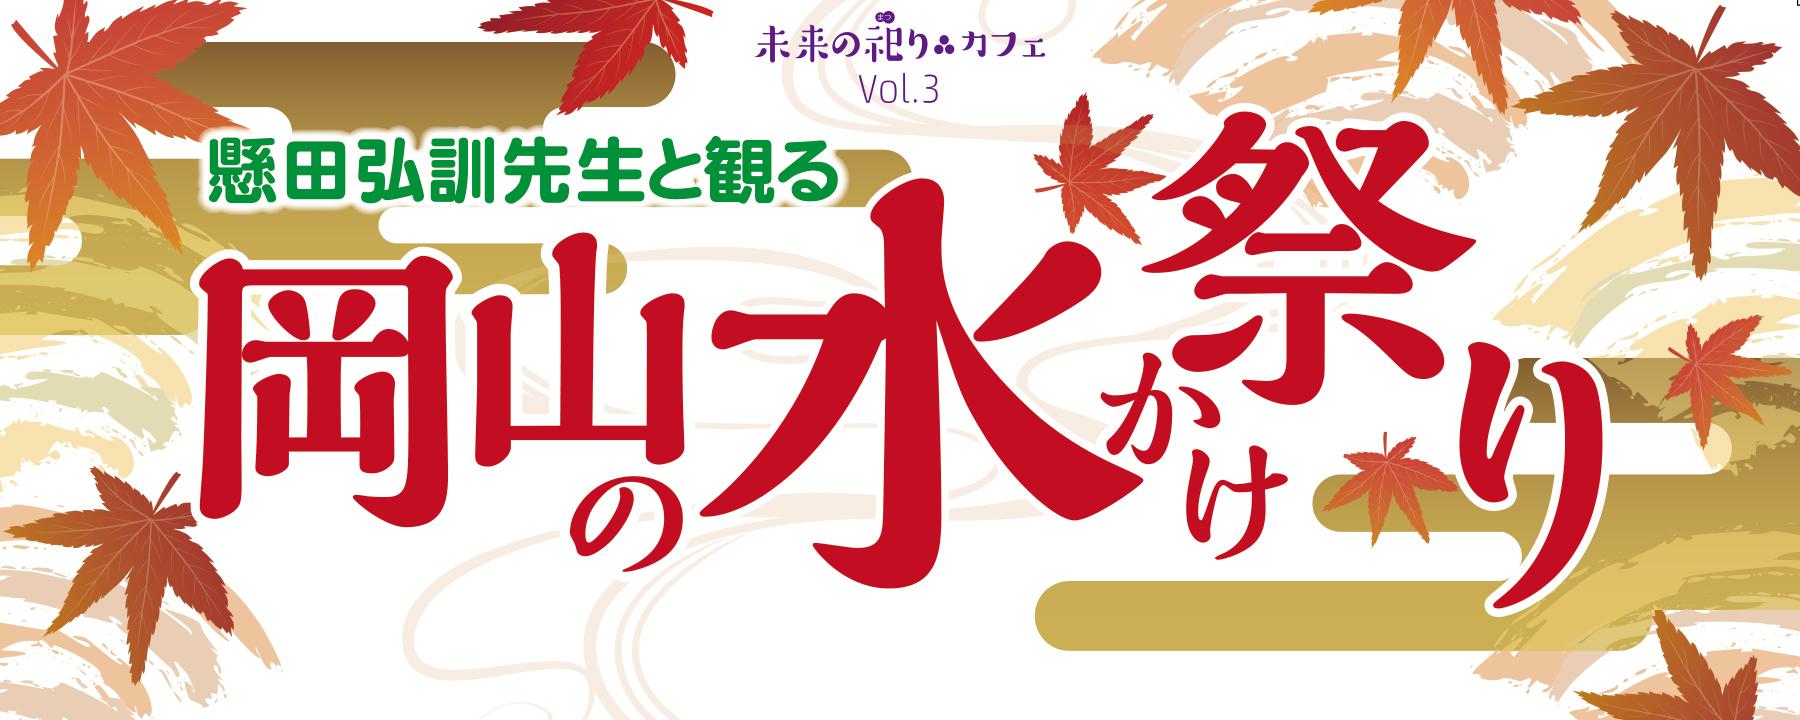 2017年10月22日(日)未来の祀りカフェ.vol3(通算8回目)「懸田弘訓先生と観る 岡山の水かけ祭」参加者募集中です!